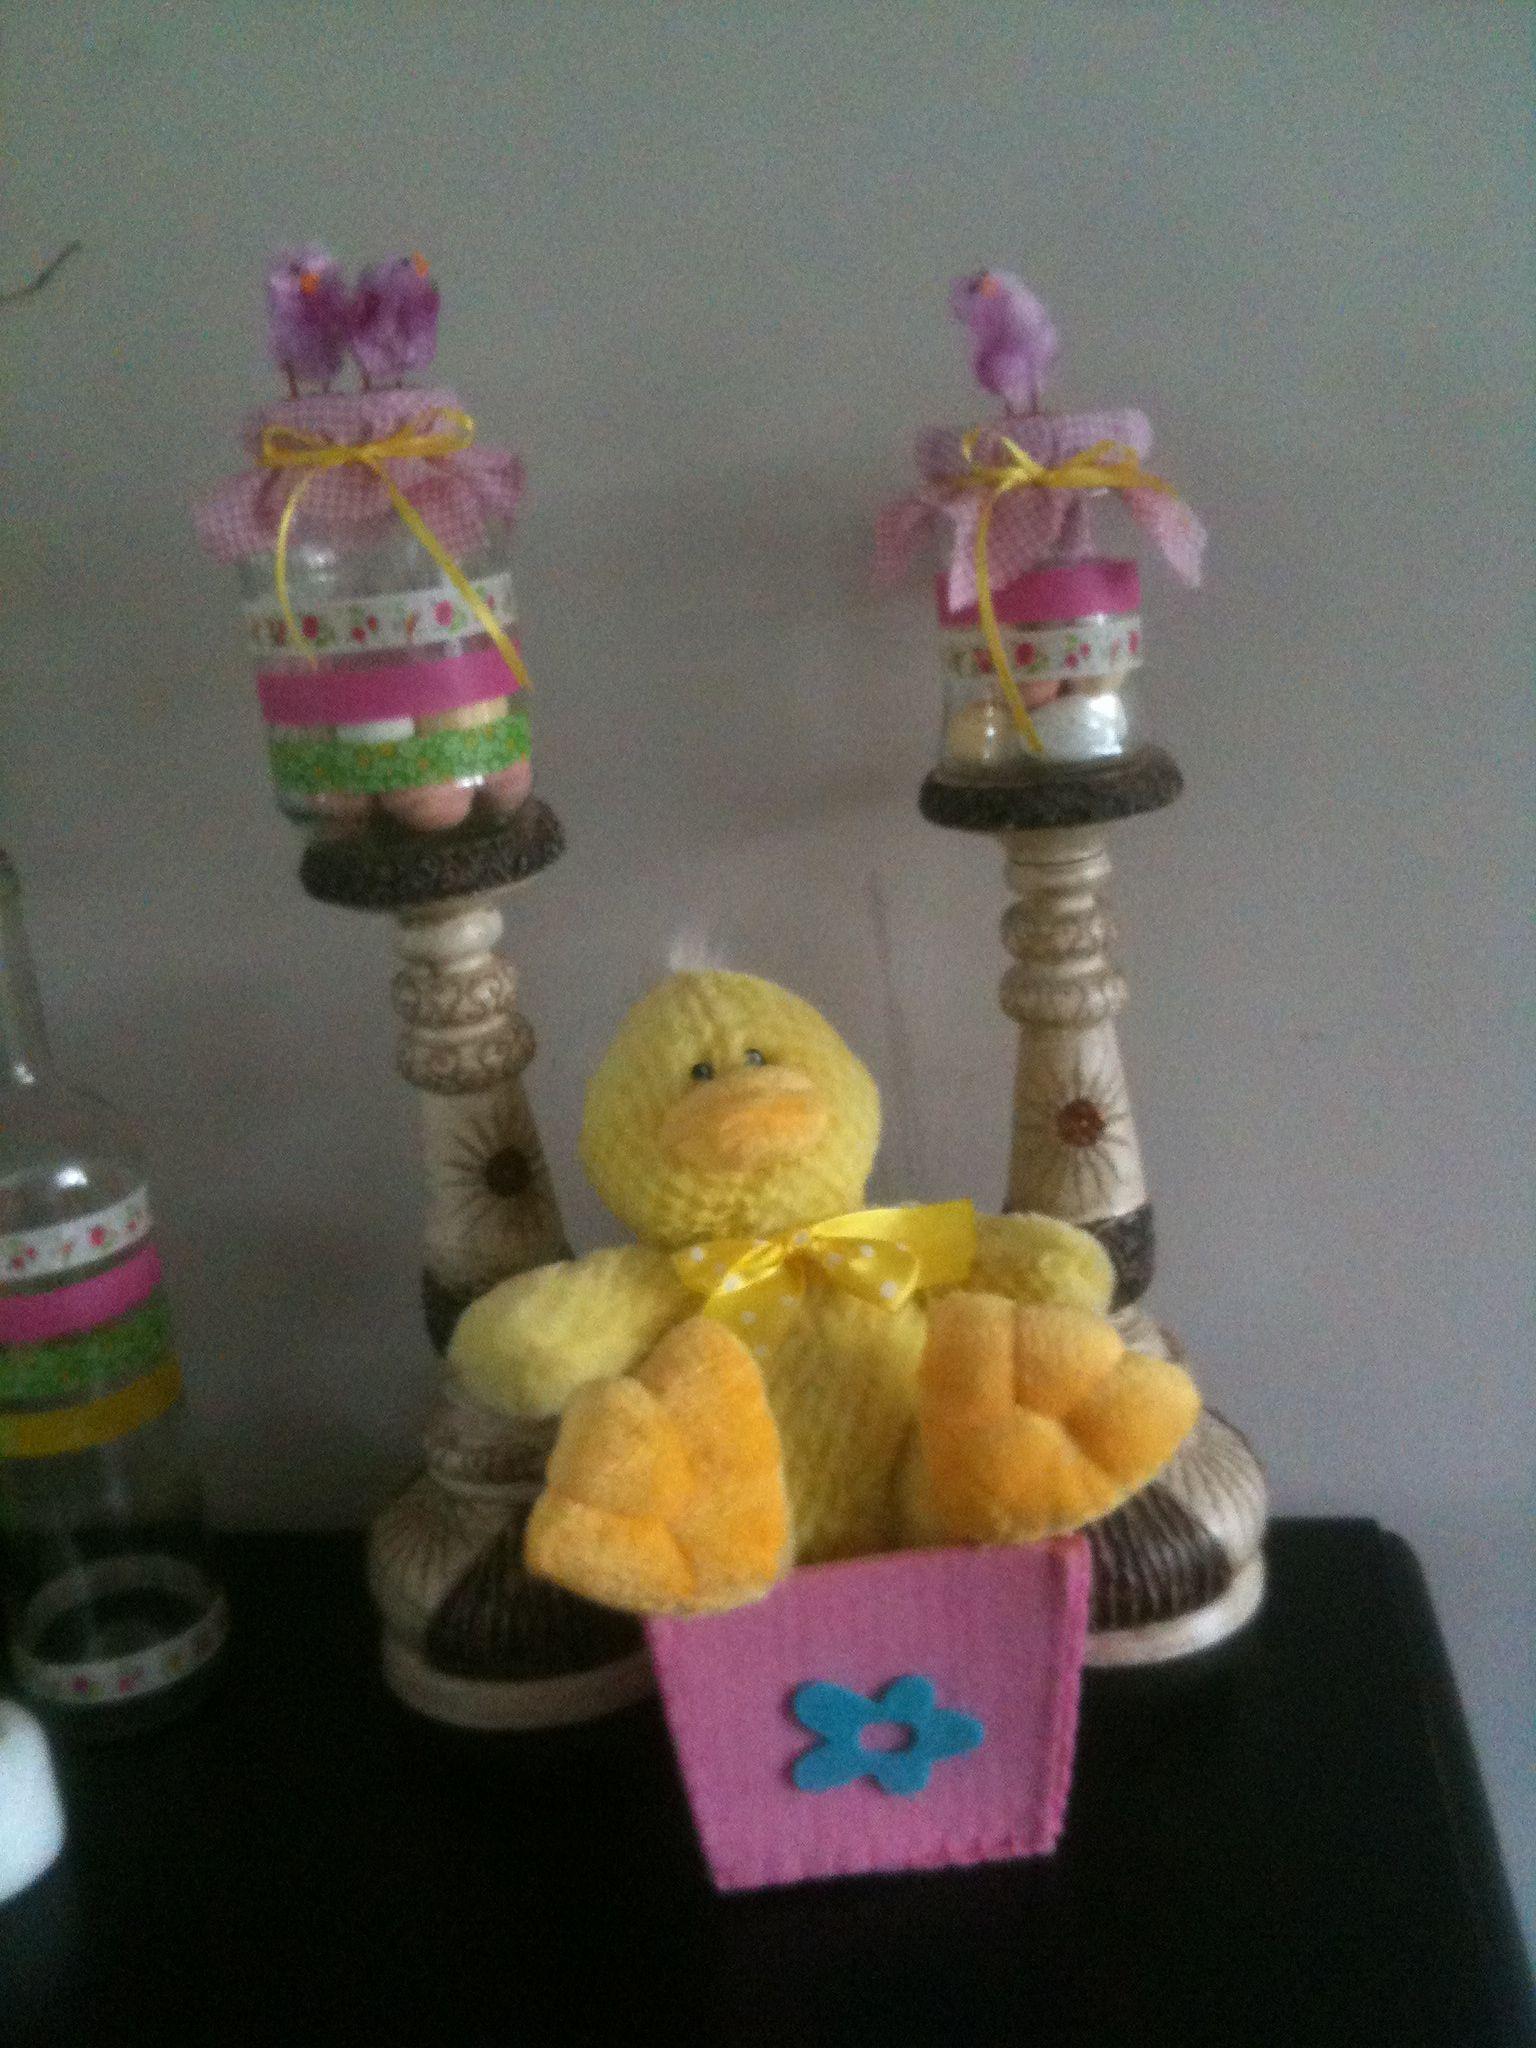 Lege jampotjes met masking tape en roze ruitjes stof. Gevuld met paaseitjes. Pasen & Easter.